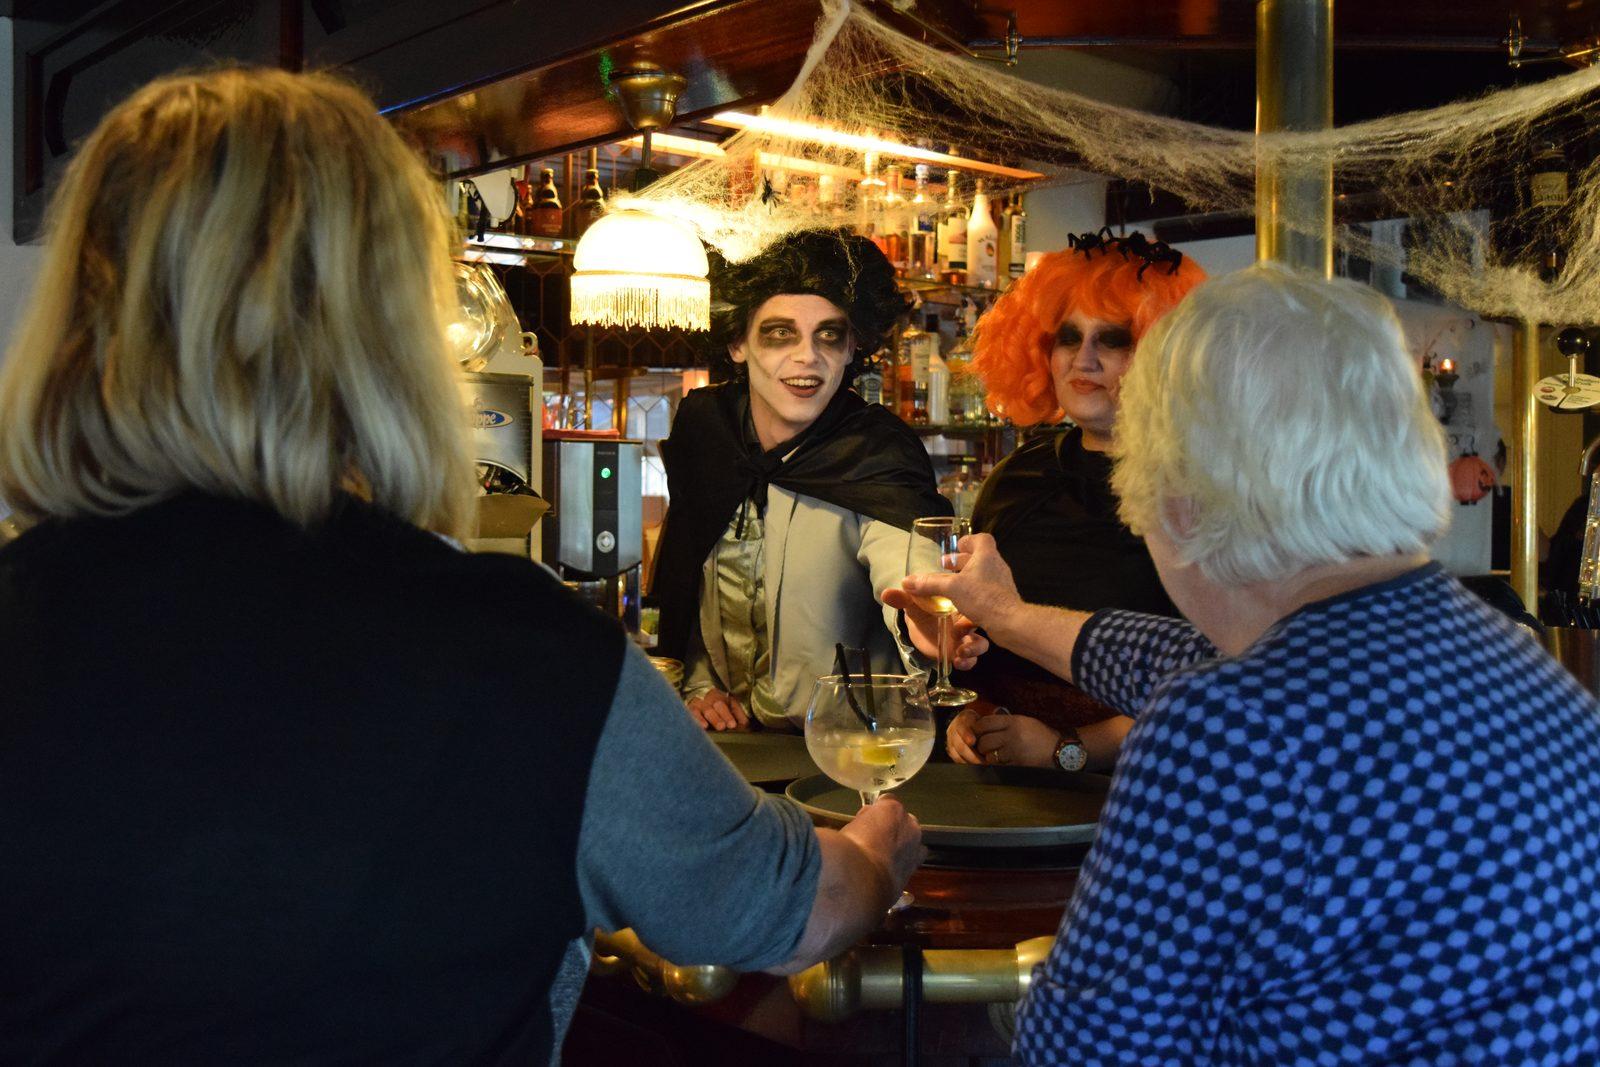 Vier Halloween op Recreatiepark De Boshoek in Voorthuizen op de Veluwe